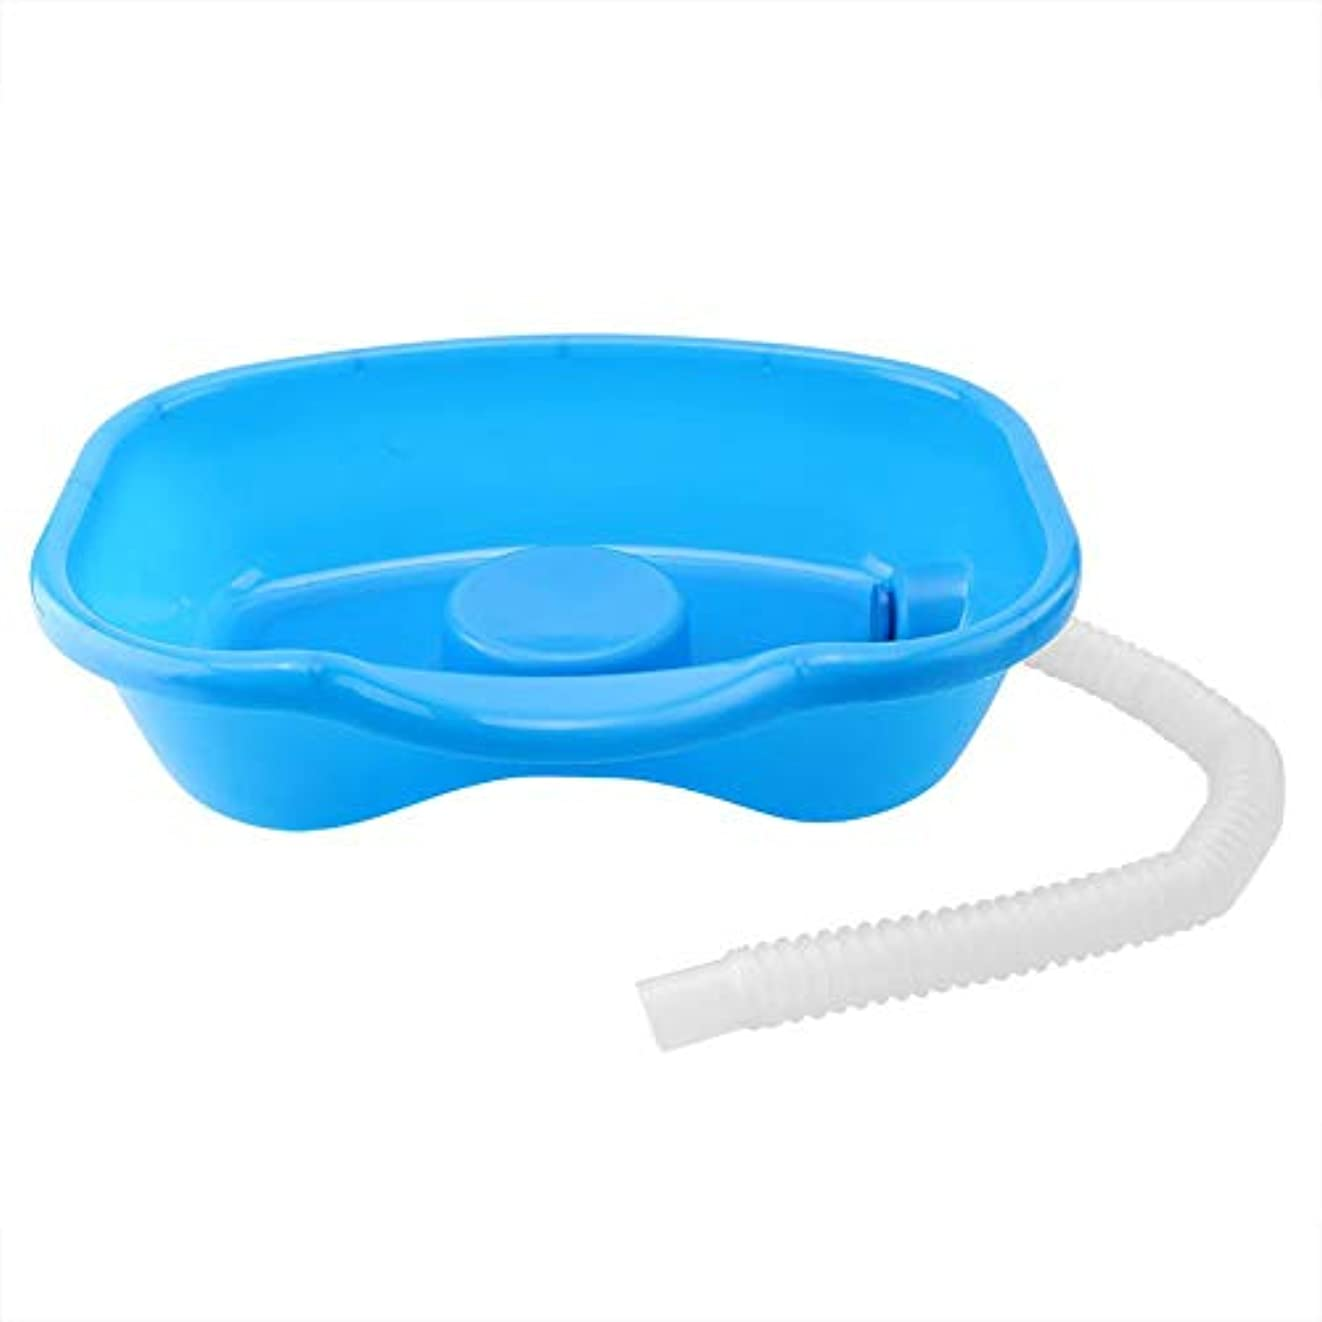 三角形散歩に行く視線シャンプー洗面器、医療障害者用シャンプー洗面器厚いベッド洗髪皿プラスチックシャンプー洗面器